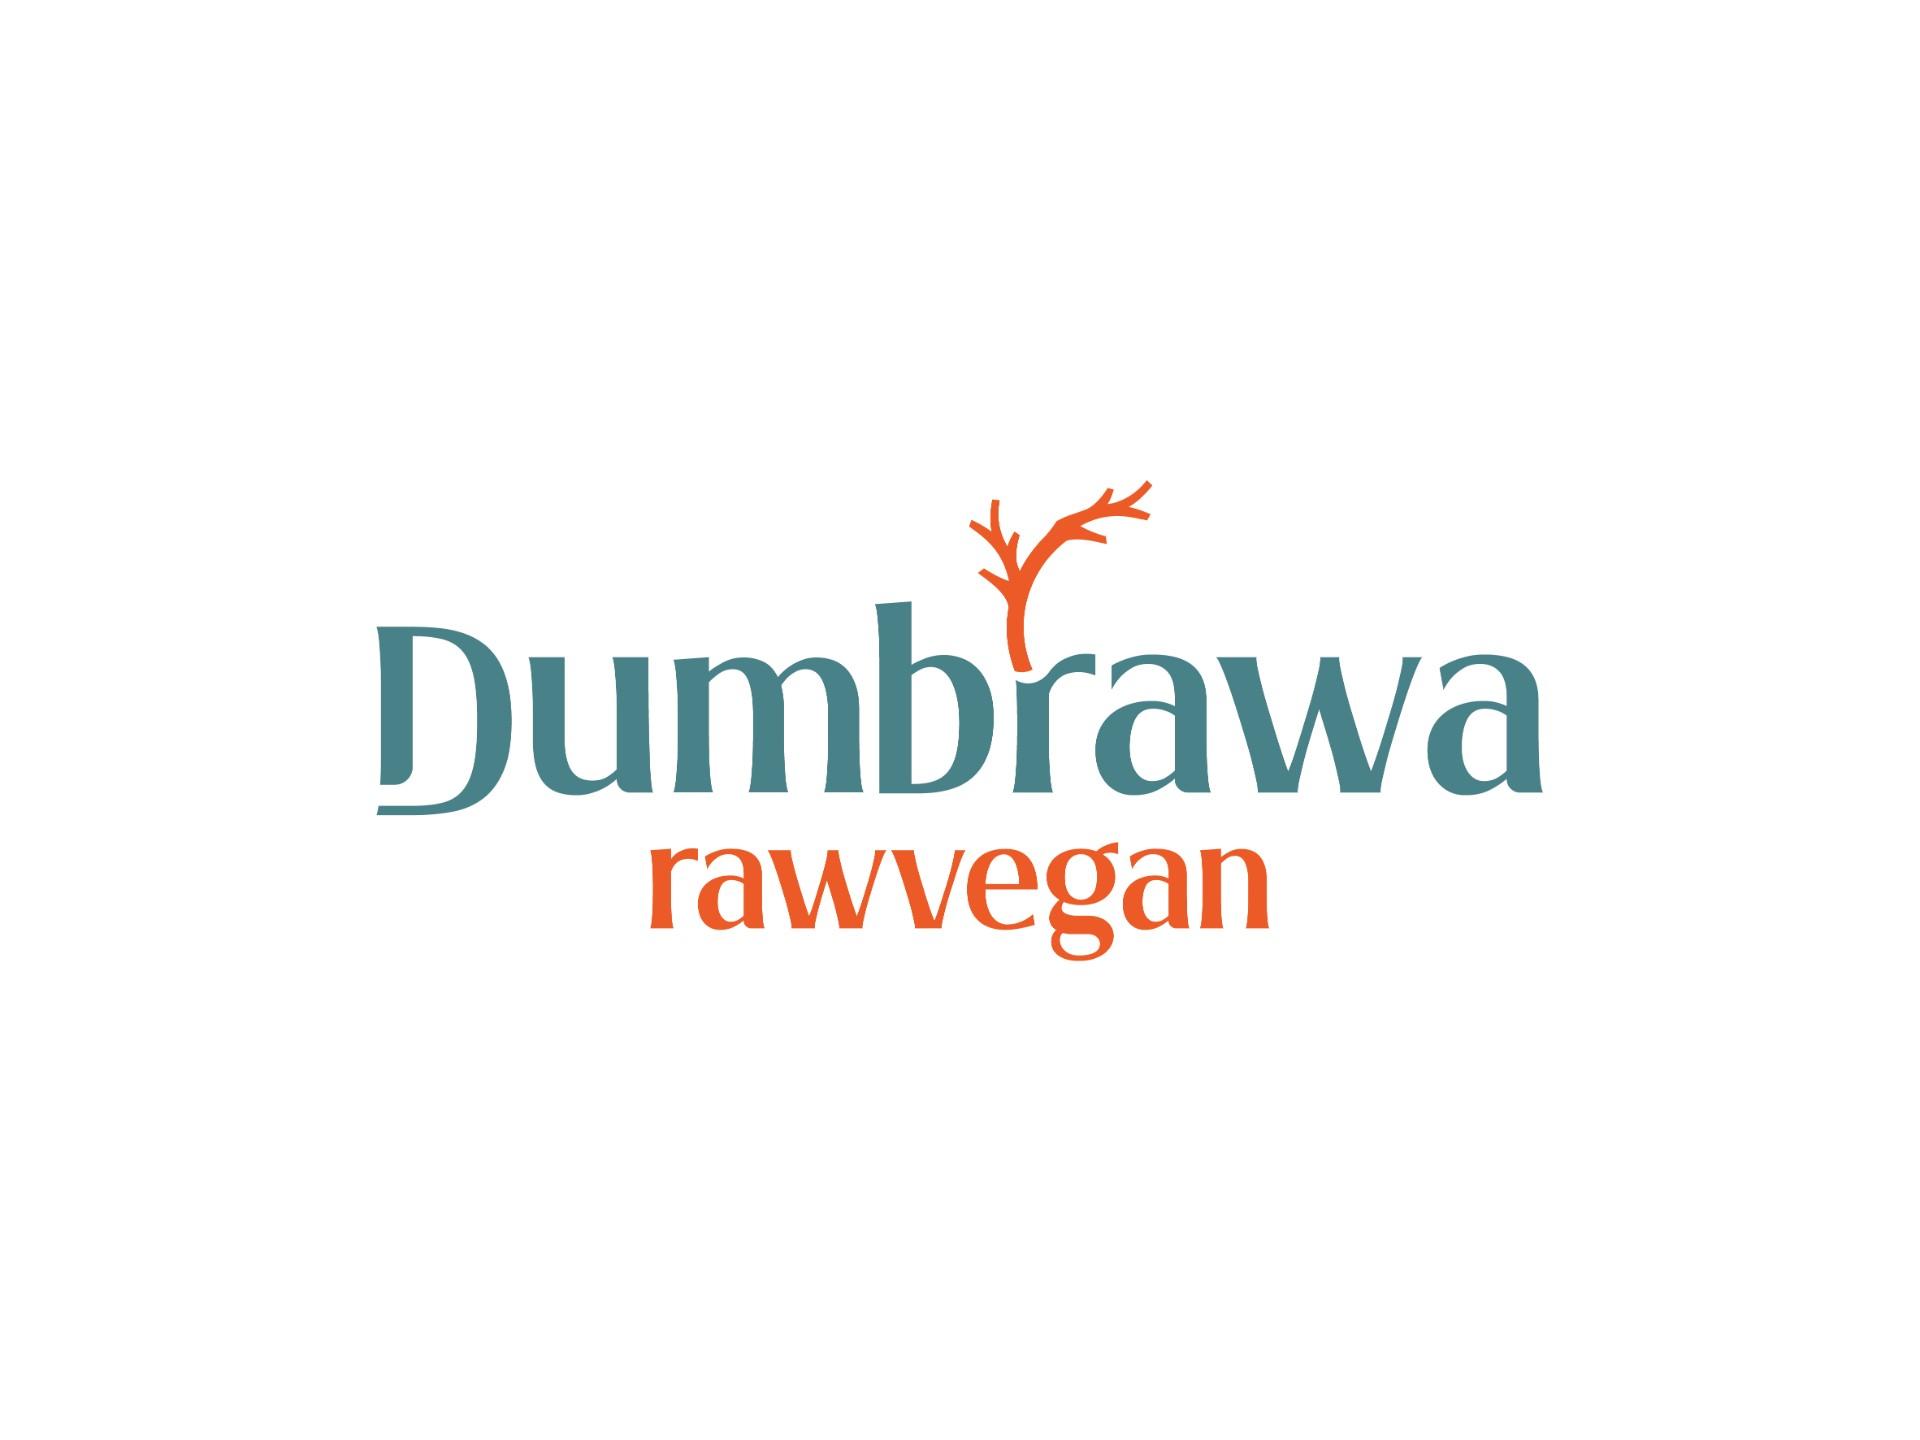 dumbrawa raw vegan portofoliu inoveo